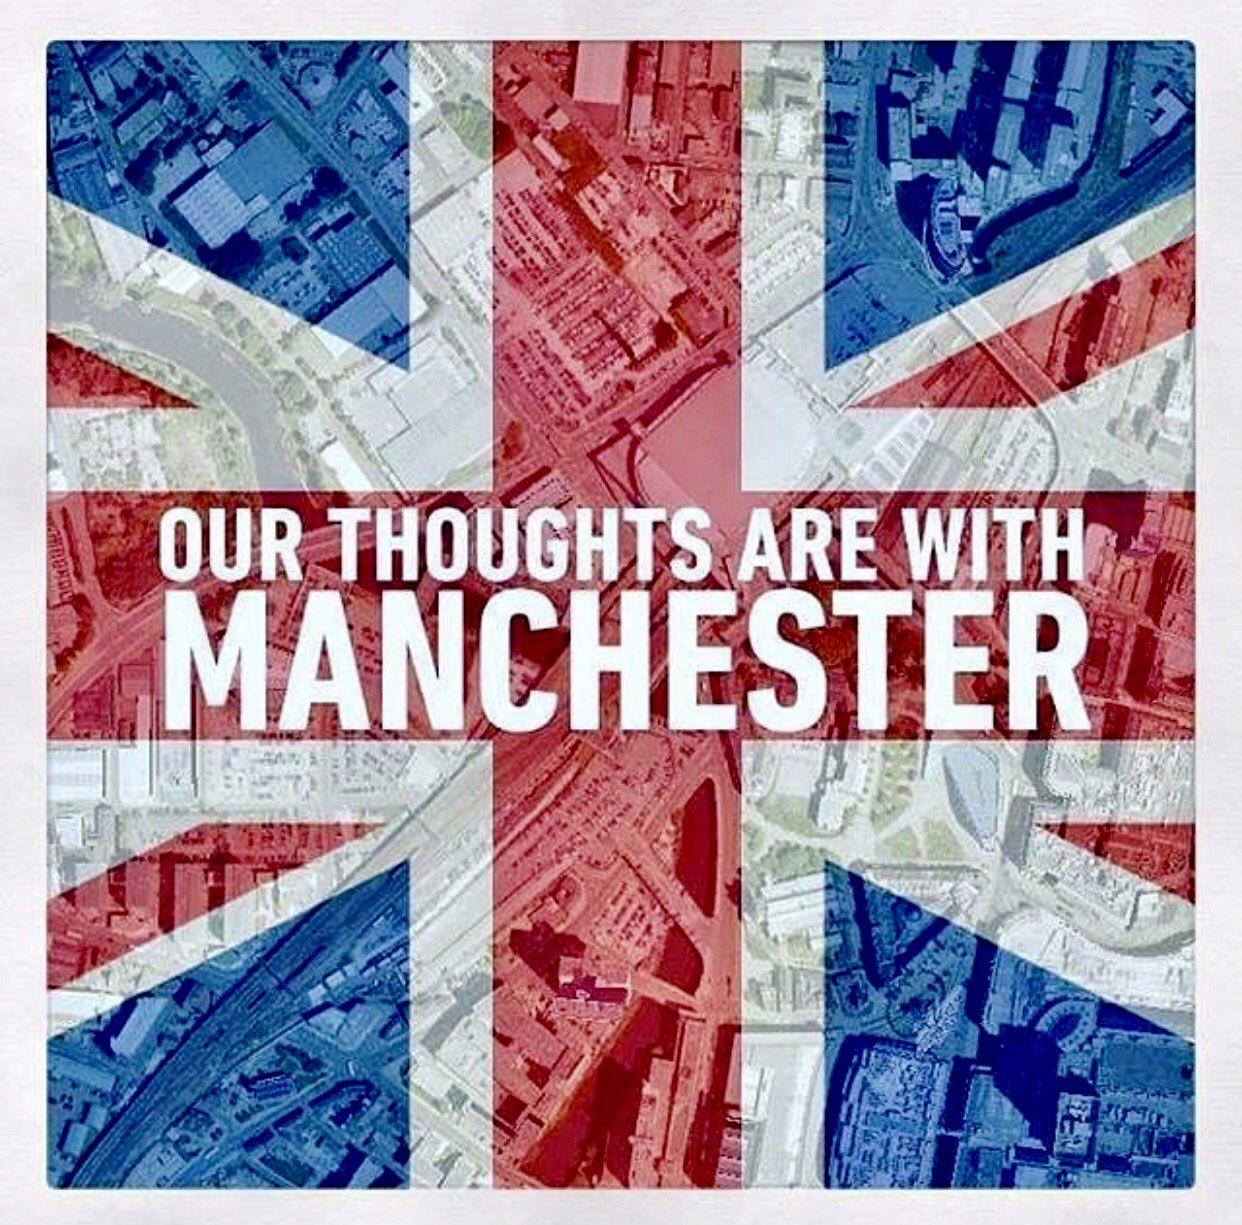 Ariana Grande a robbantás után összeomlott - Manchesternek üzentek a többiek is